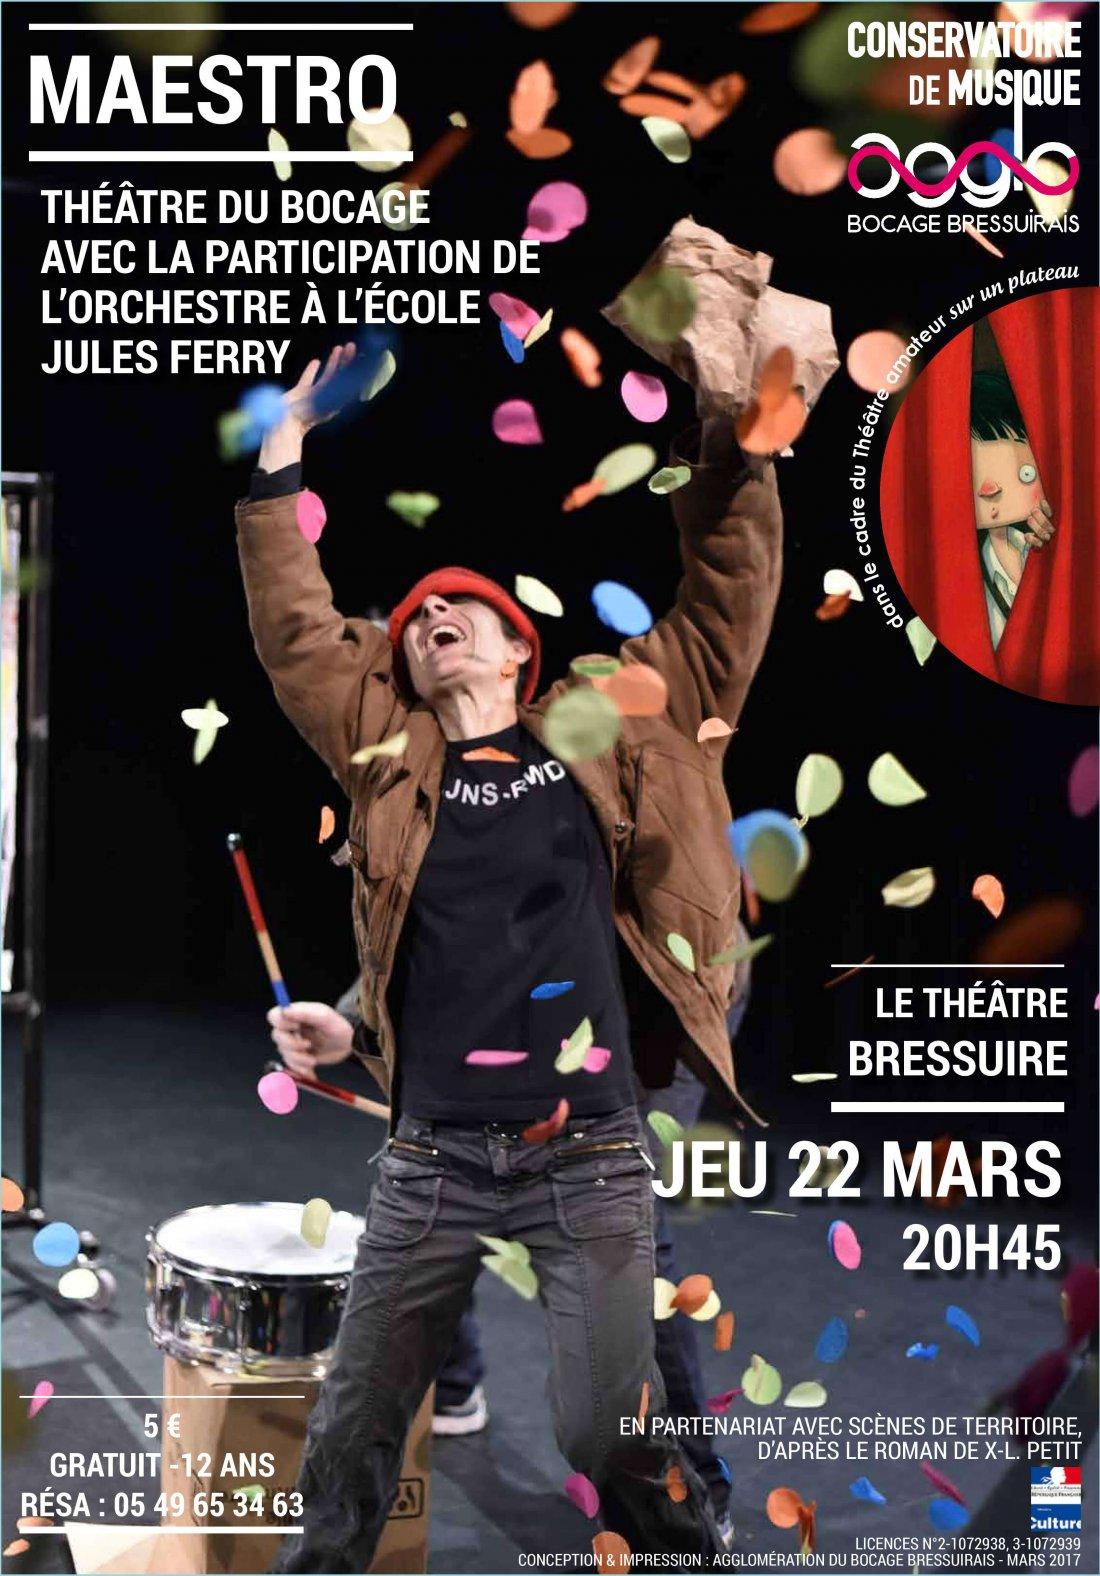 affiche_maestro 22mars18-page-001